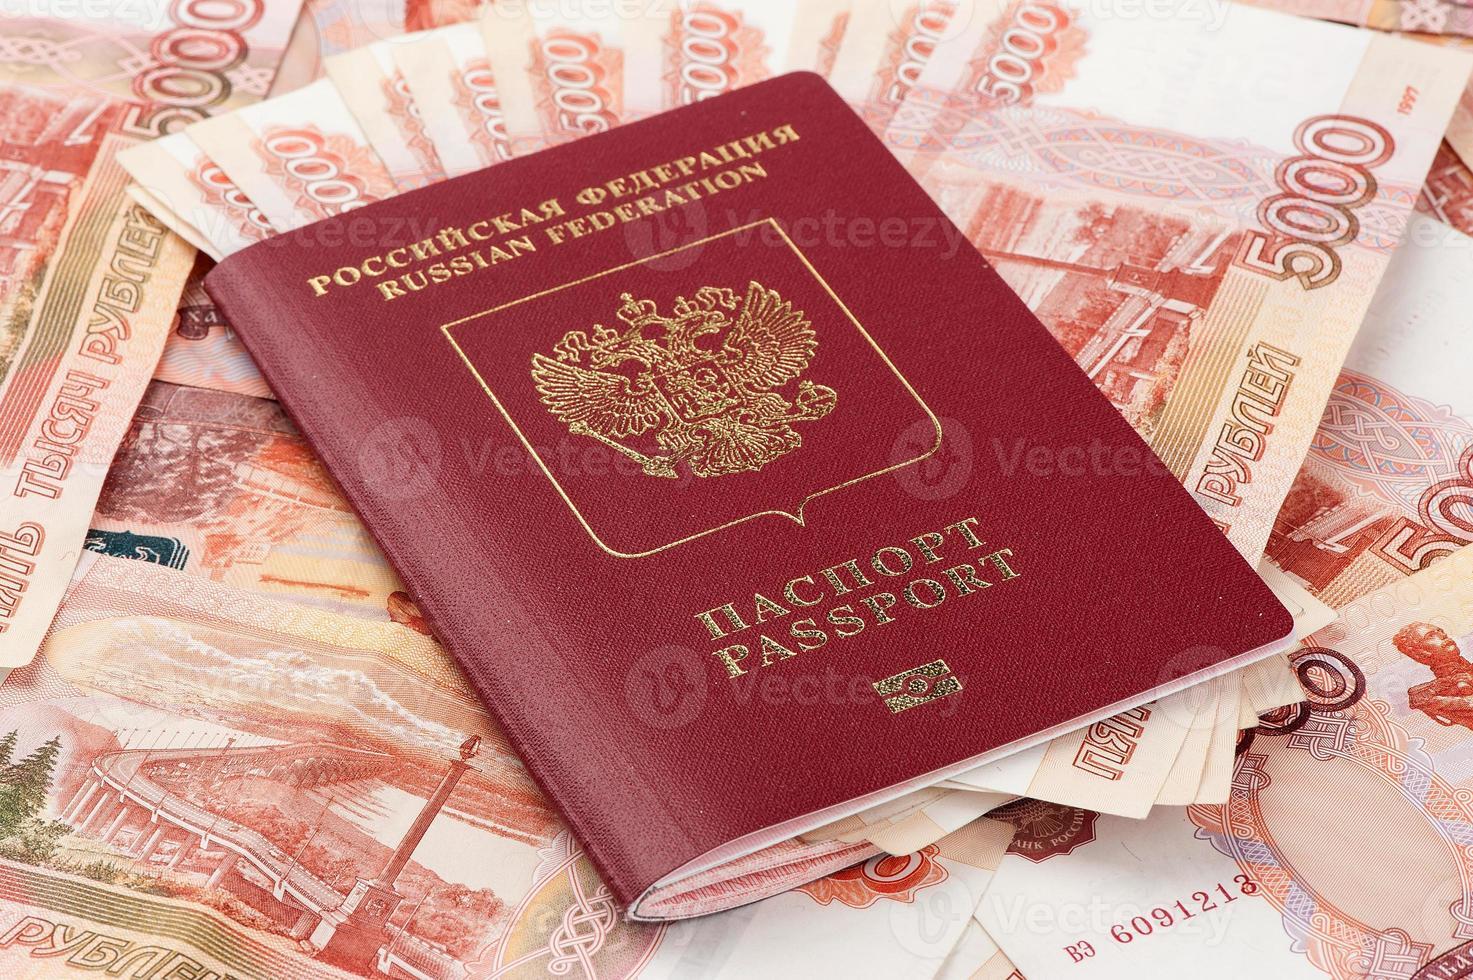 Russian passport with money photo